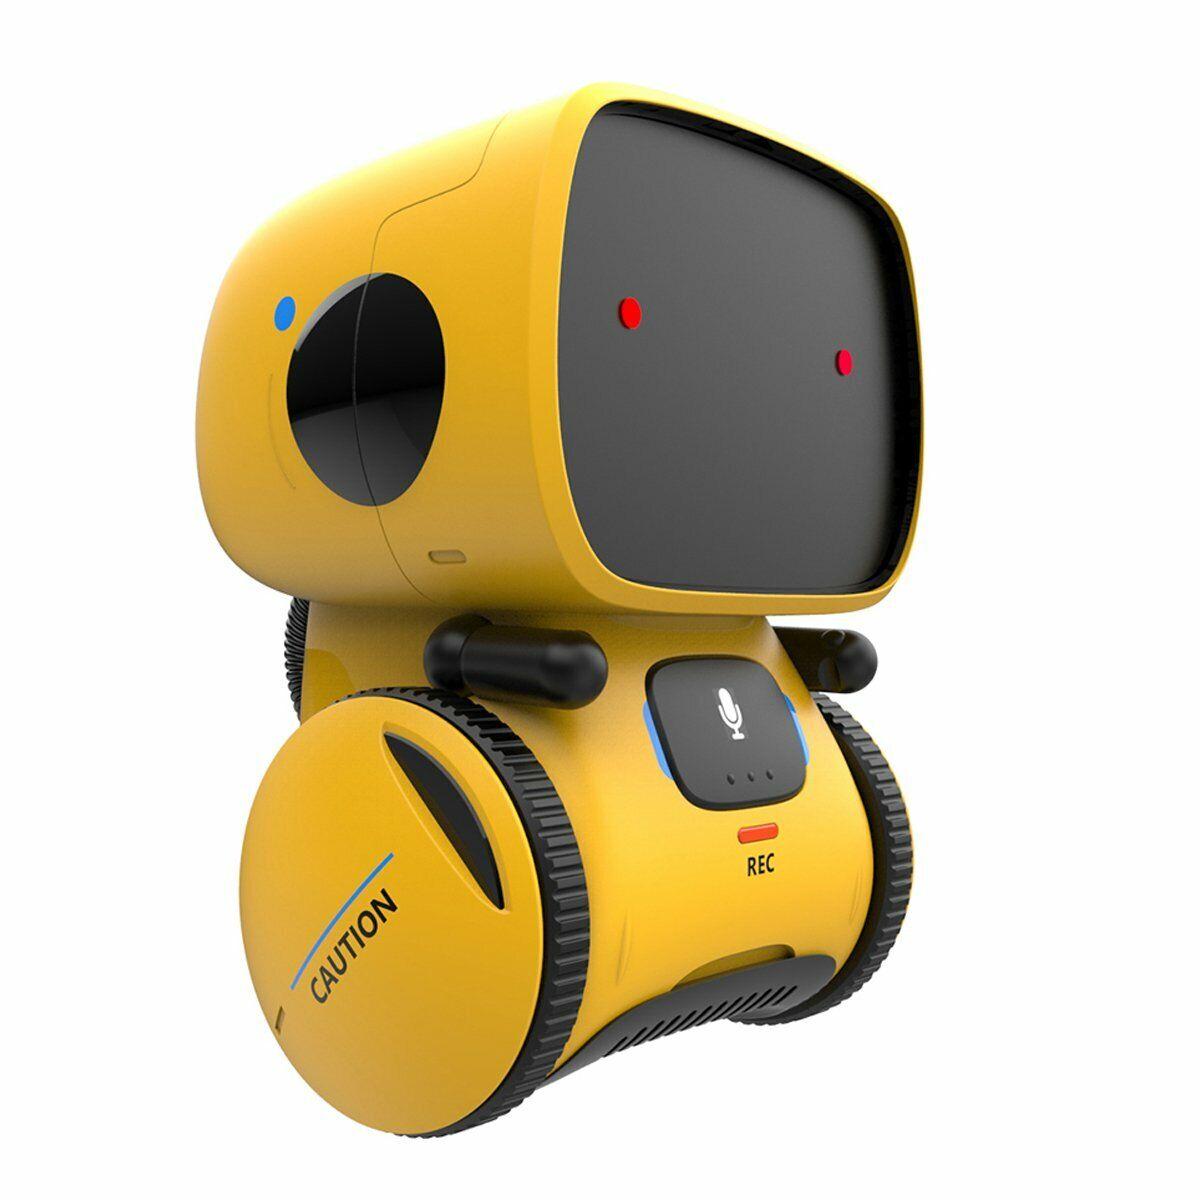 Bug Catcher Kit for Kids & Binoculars for Kids | eBay